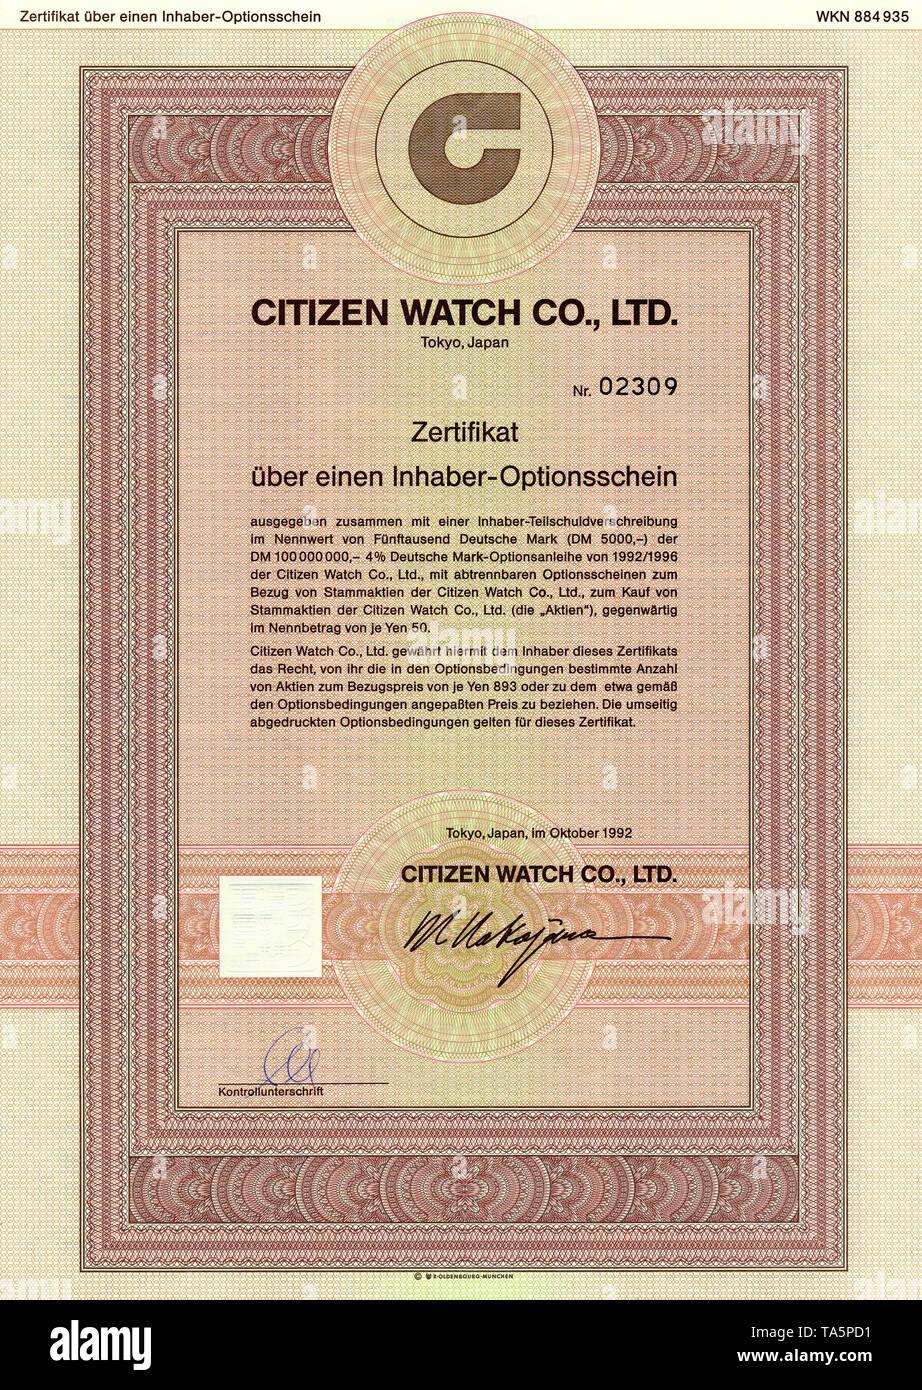 Historic stock certificate, Securities certificate, bearer warrant, Historisches Wertpapier, japanischer Inhaber-Optionsschein, japanischer Uhren- und Uhrwerkehersteller, Citizen Watch Co., Ltd., 1992, Tokio, Japan - Stock Image